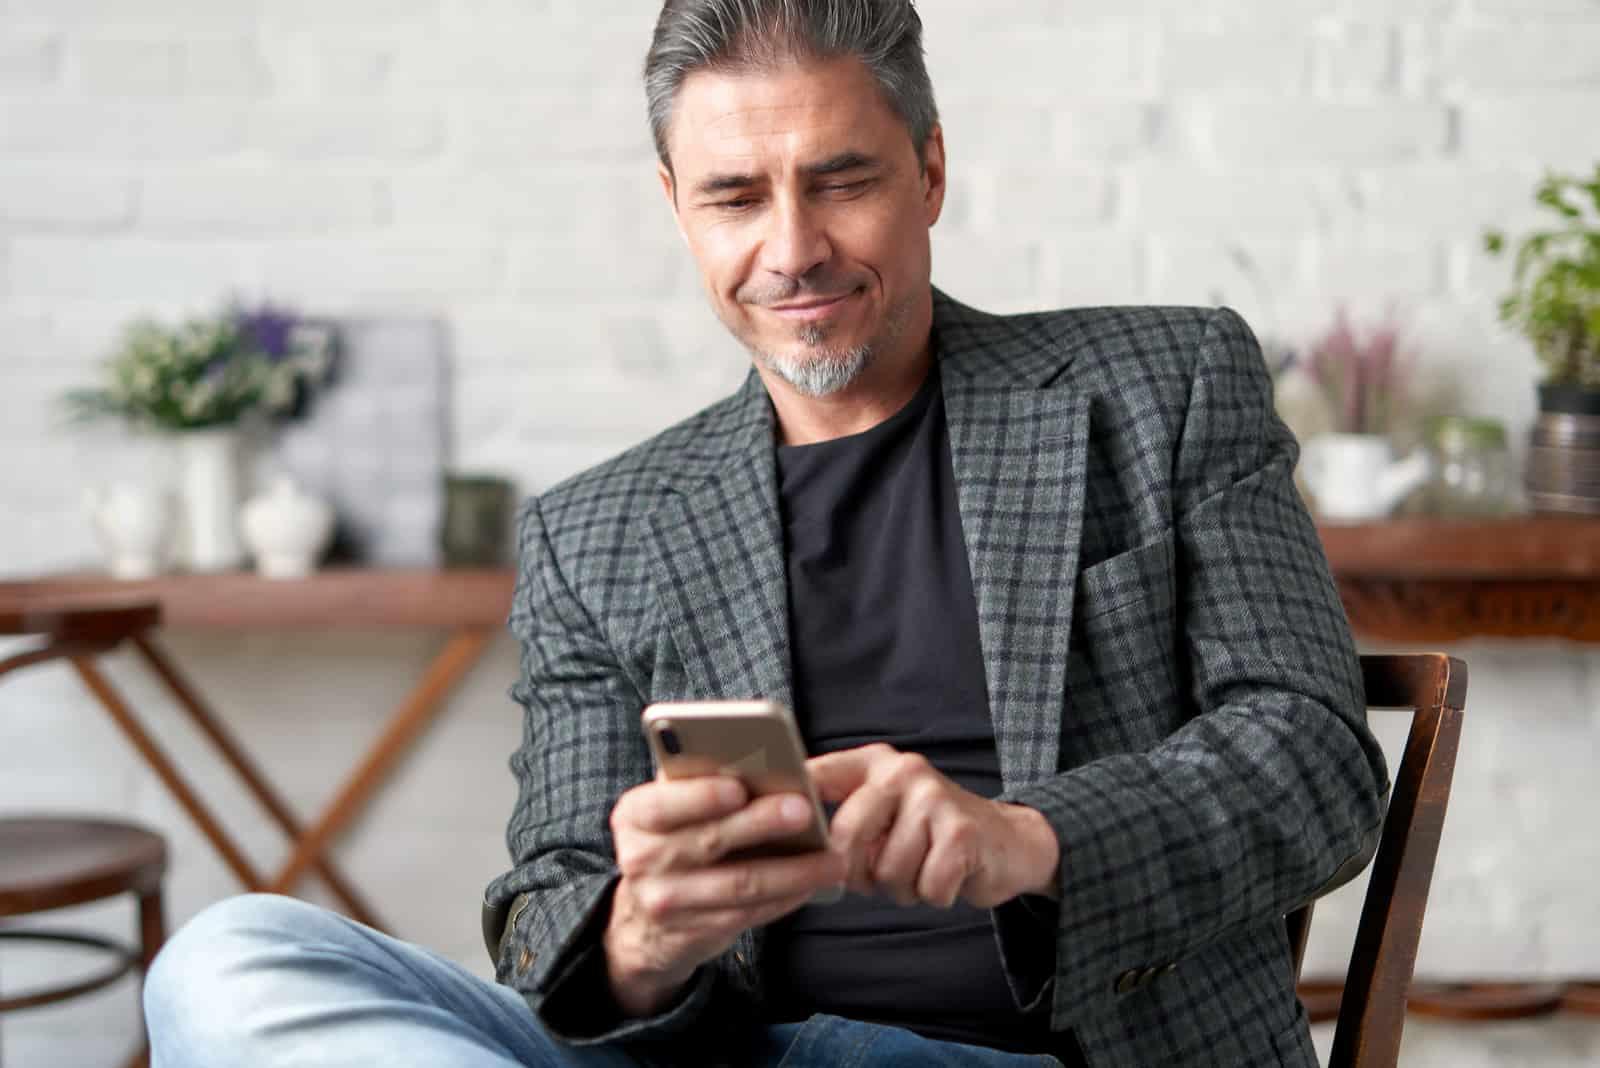 un homme est assis sur une chaise et une clé sur le téléphone